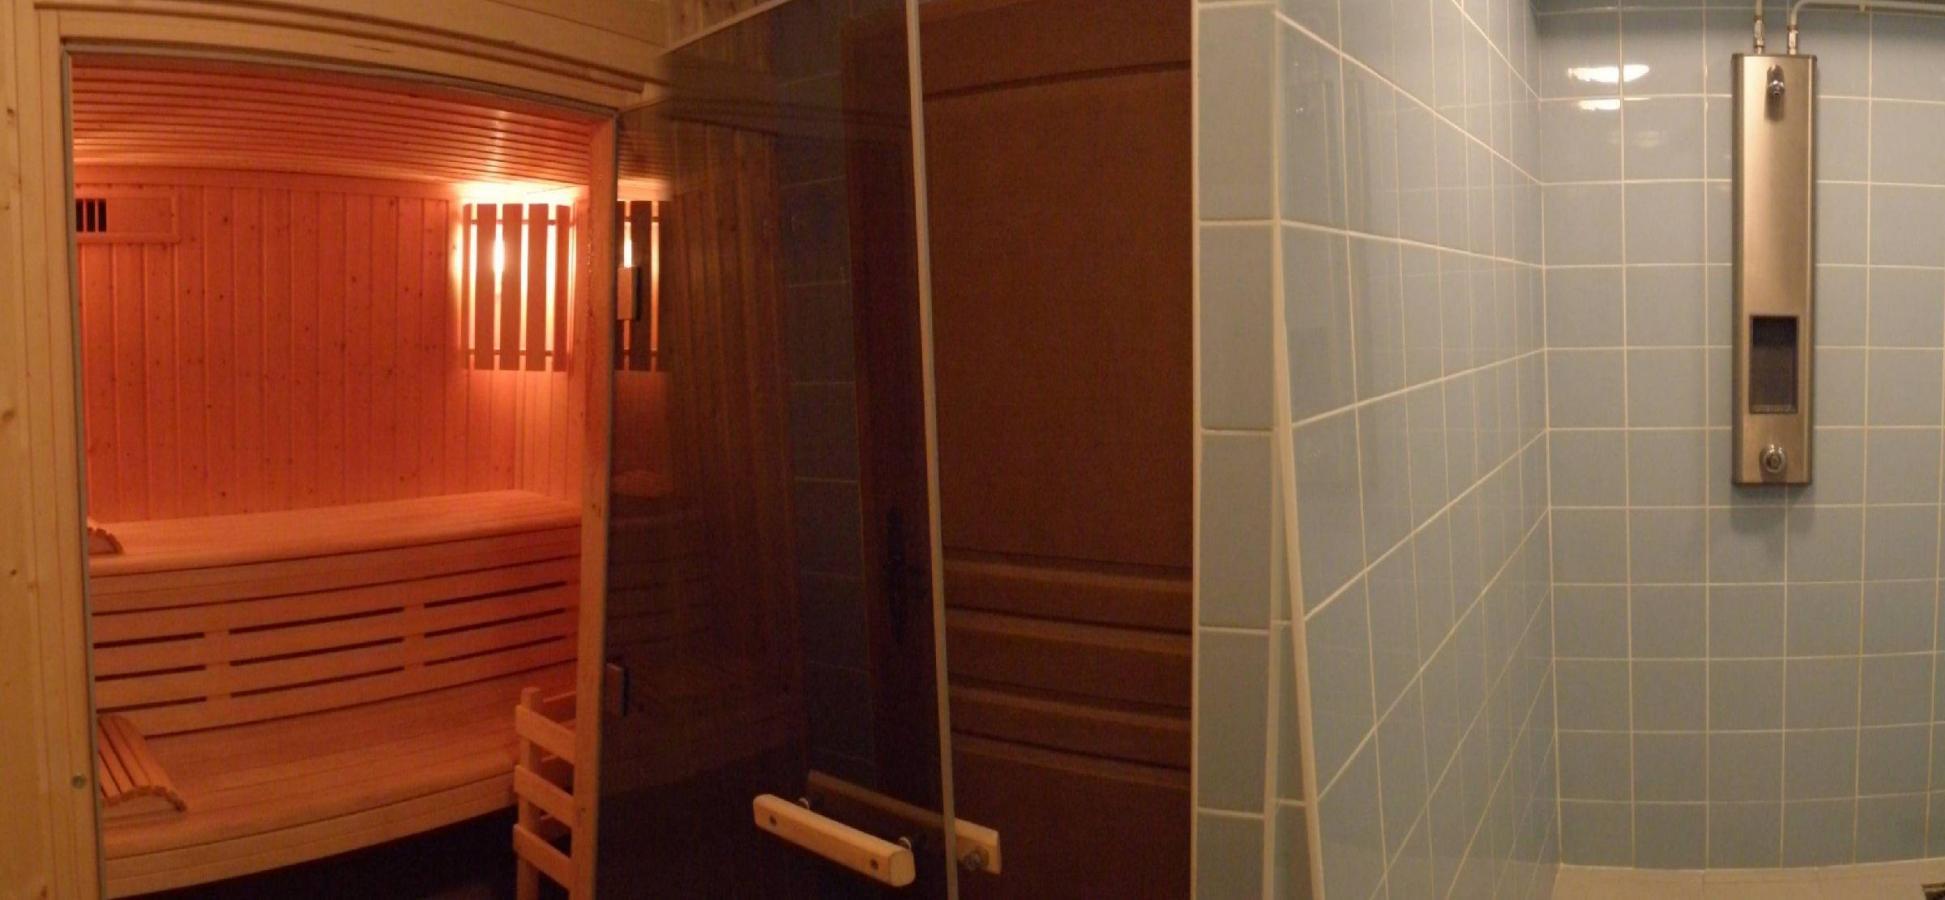 Location au ski Residence Les Valmonts De Vaujany - Vaujany - Sauna